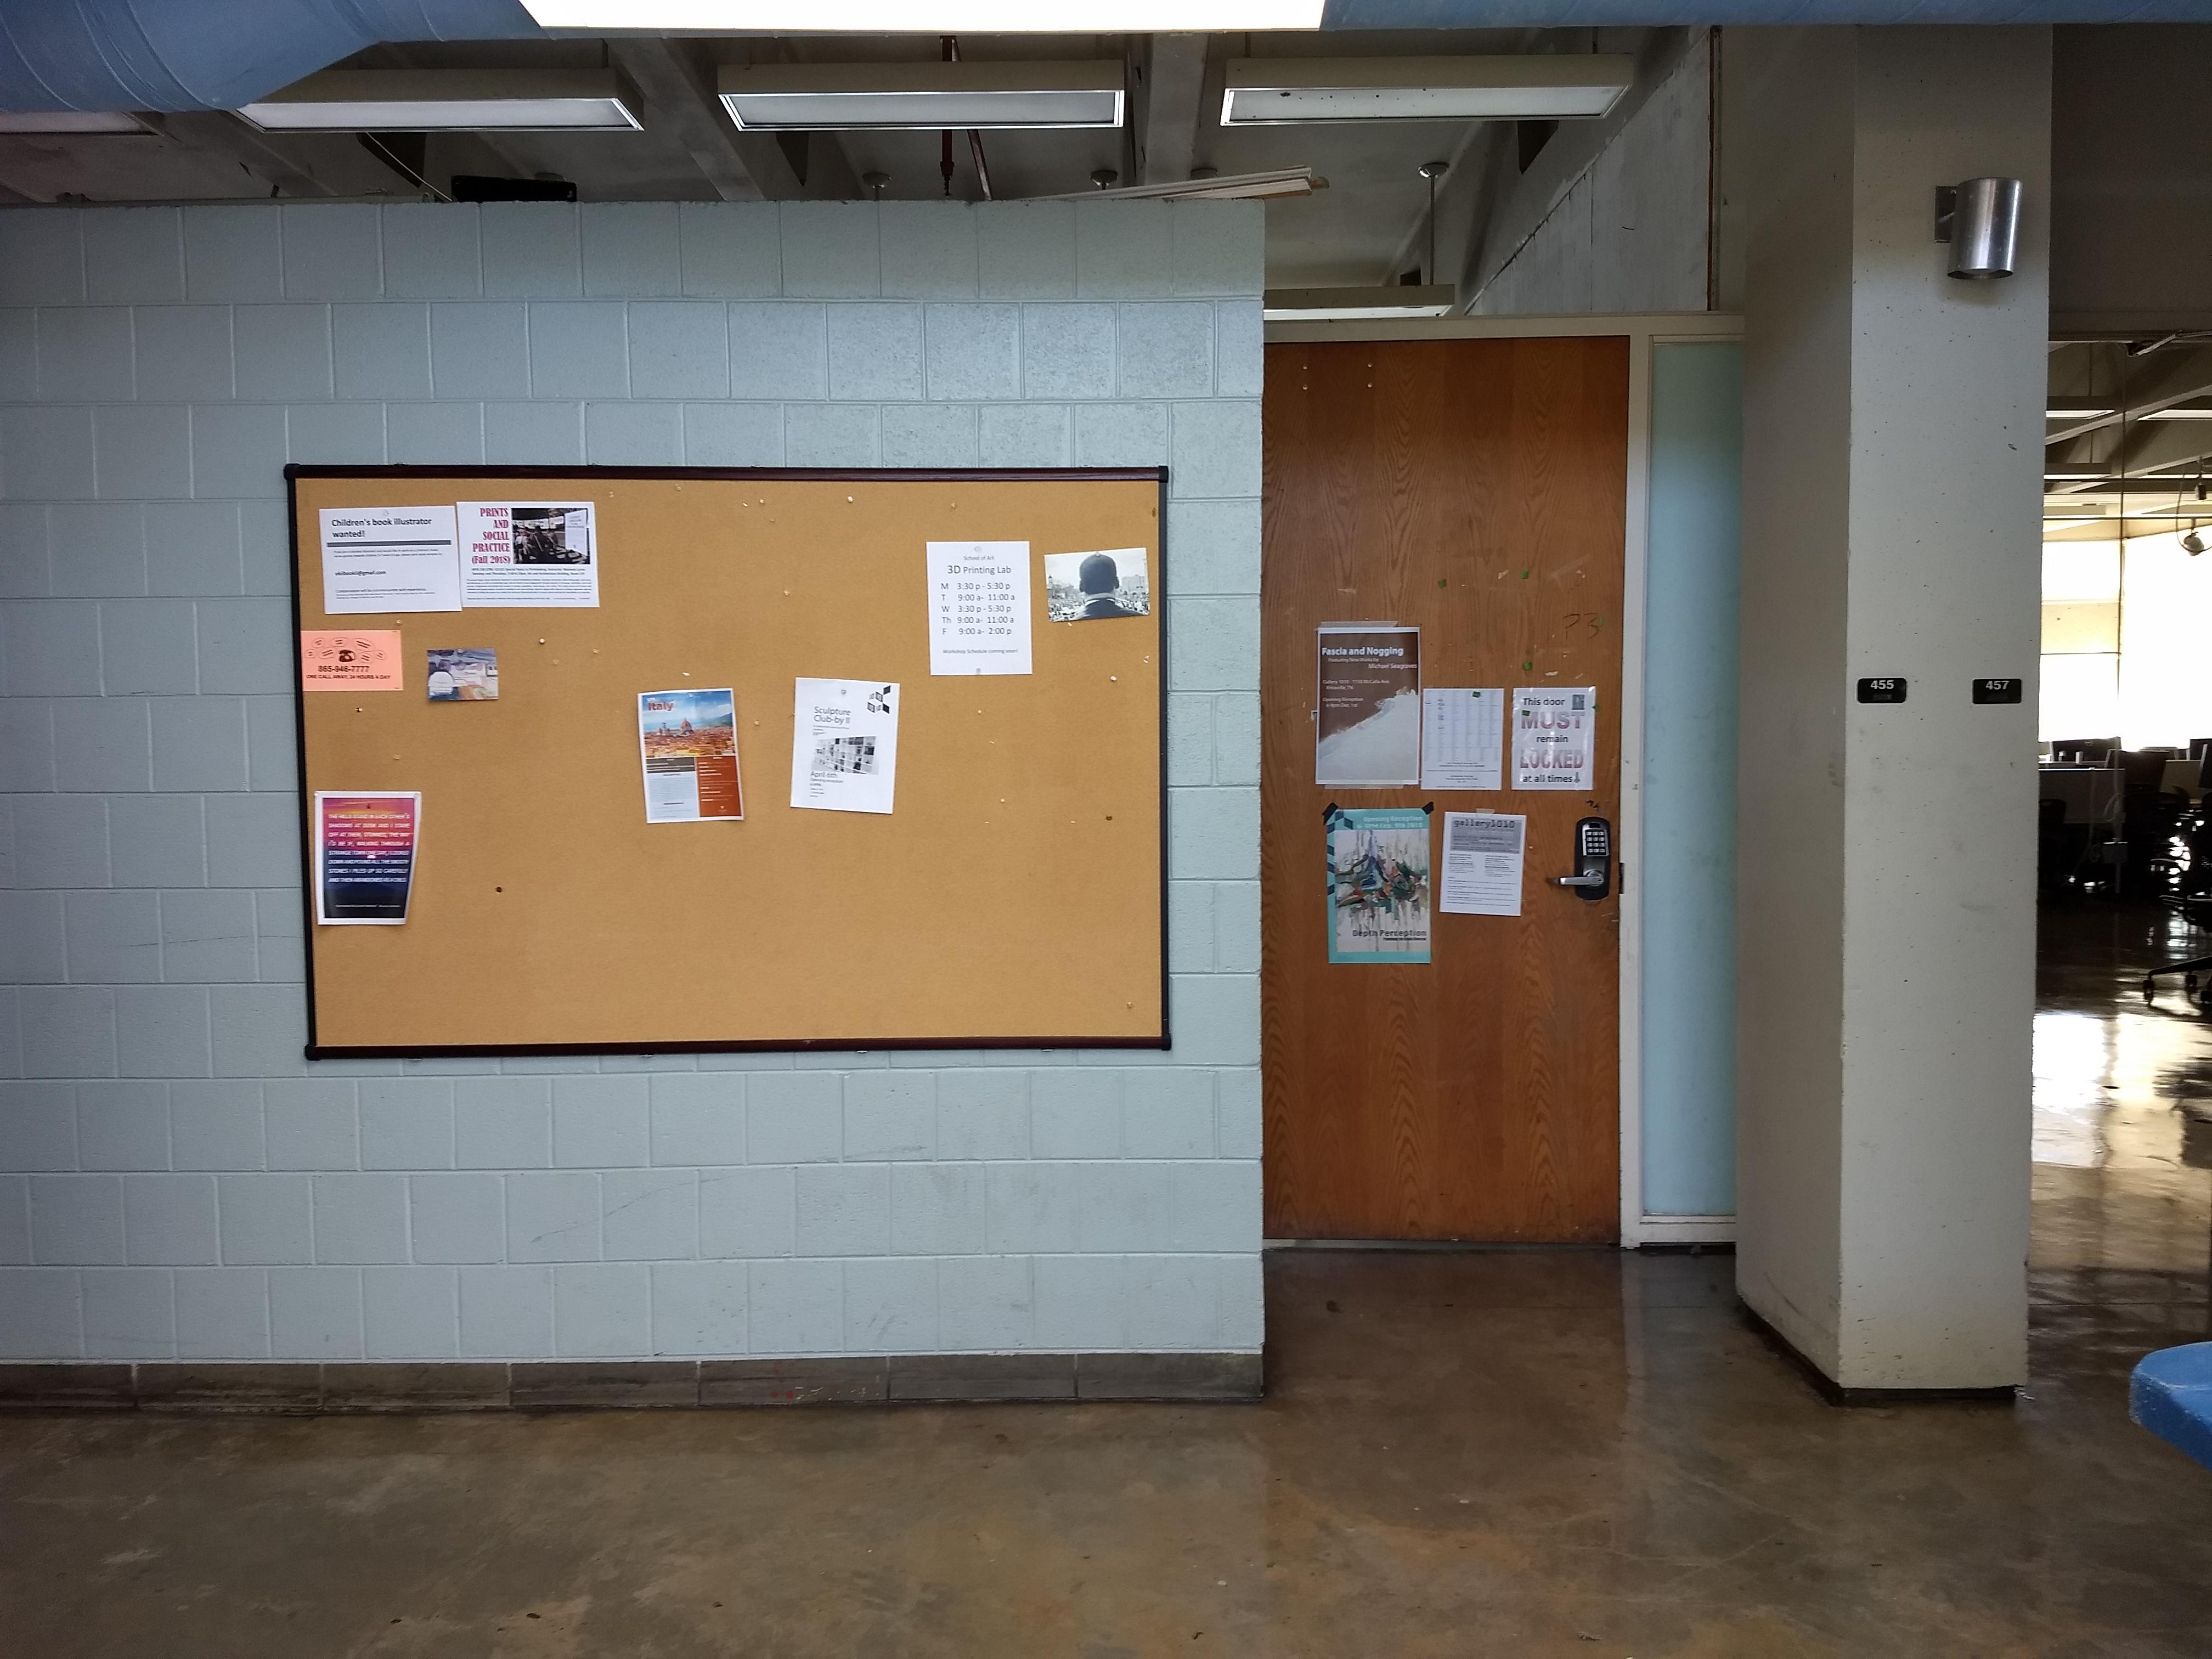 4th floor in corner next to room 455